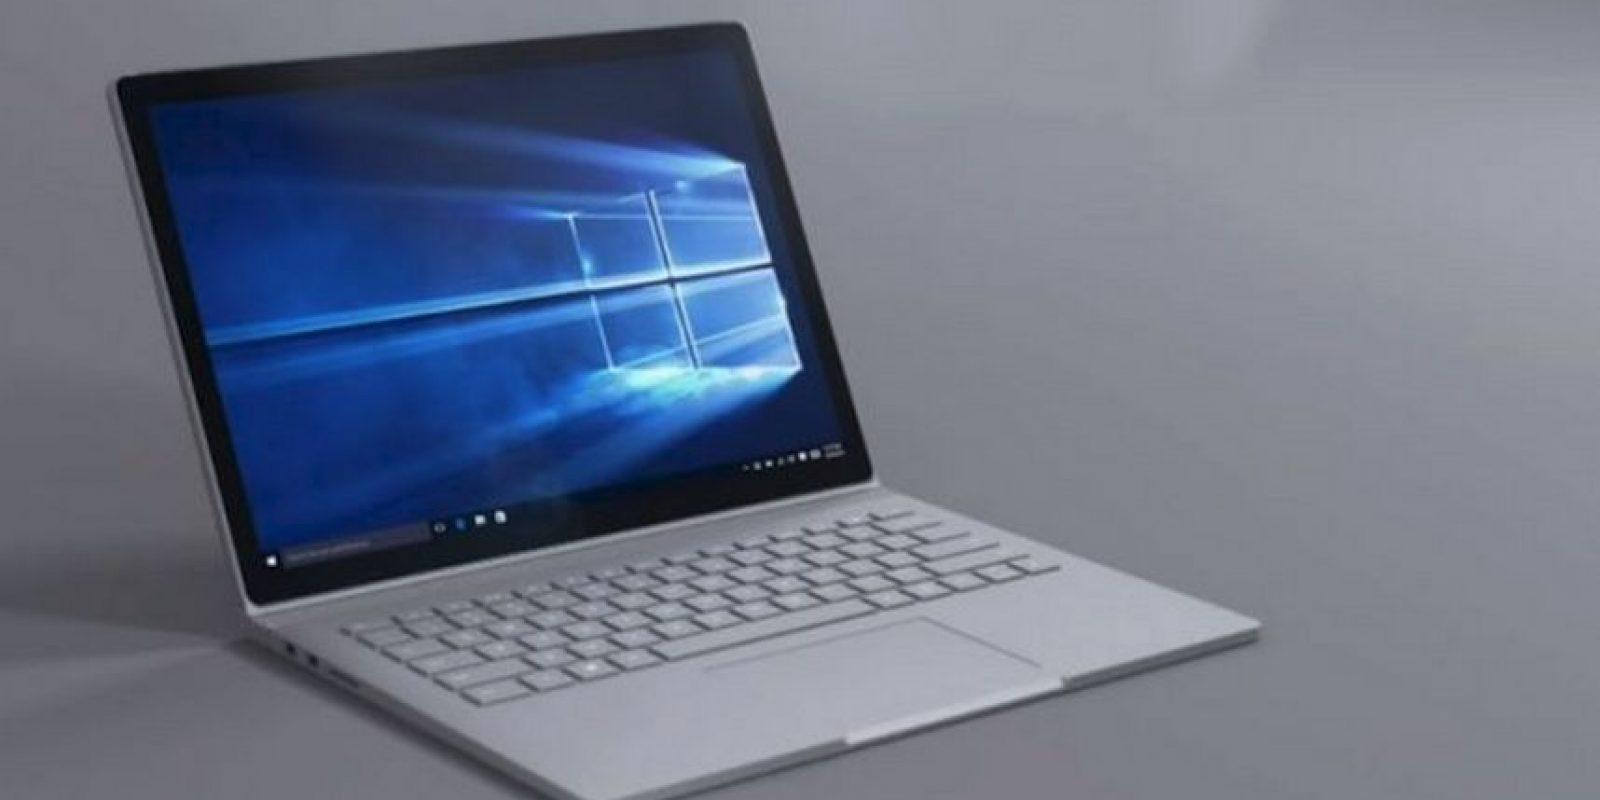 Tendrá una autonomía de 12 horas. Foto:Microsoft